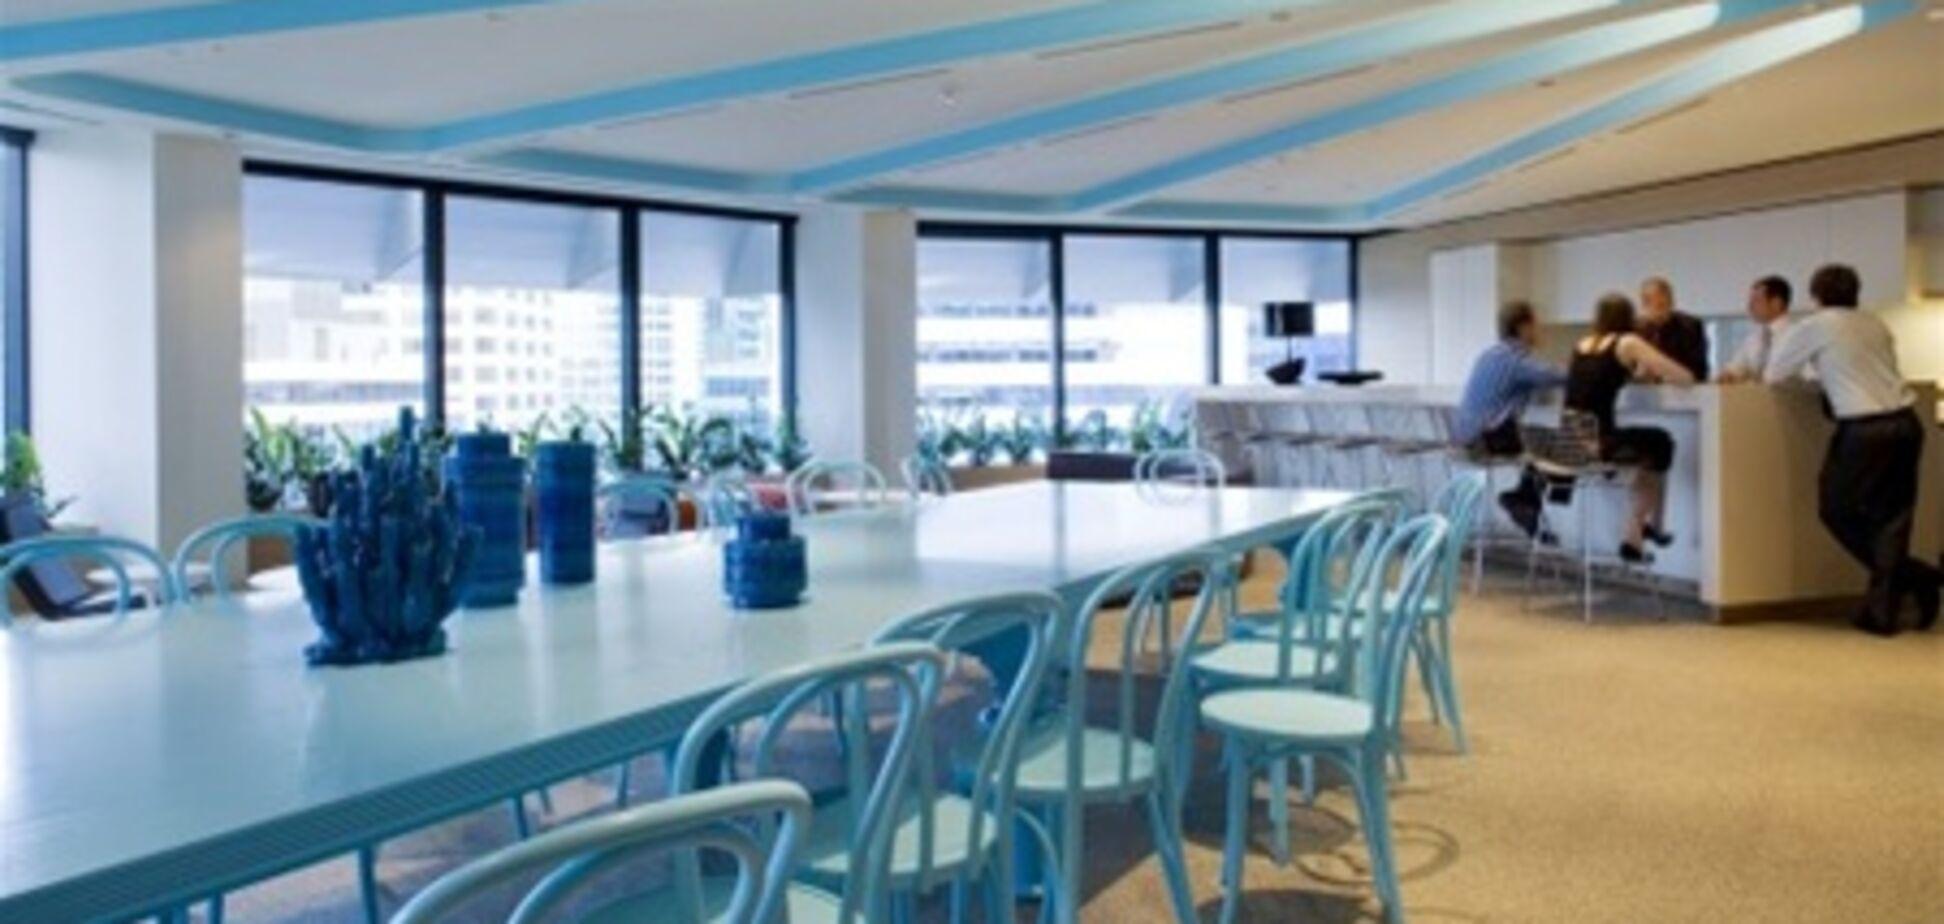 Классификацию офисных помещений нужно менять